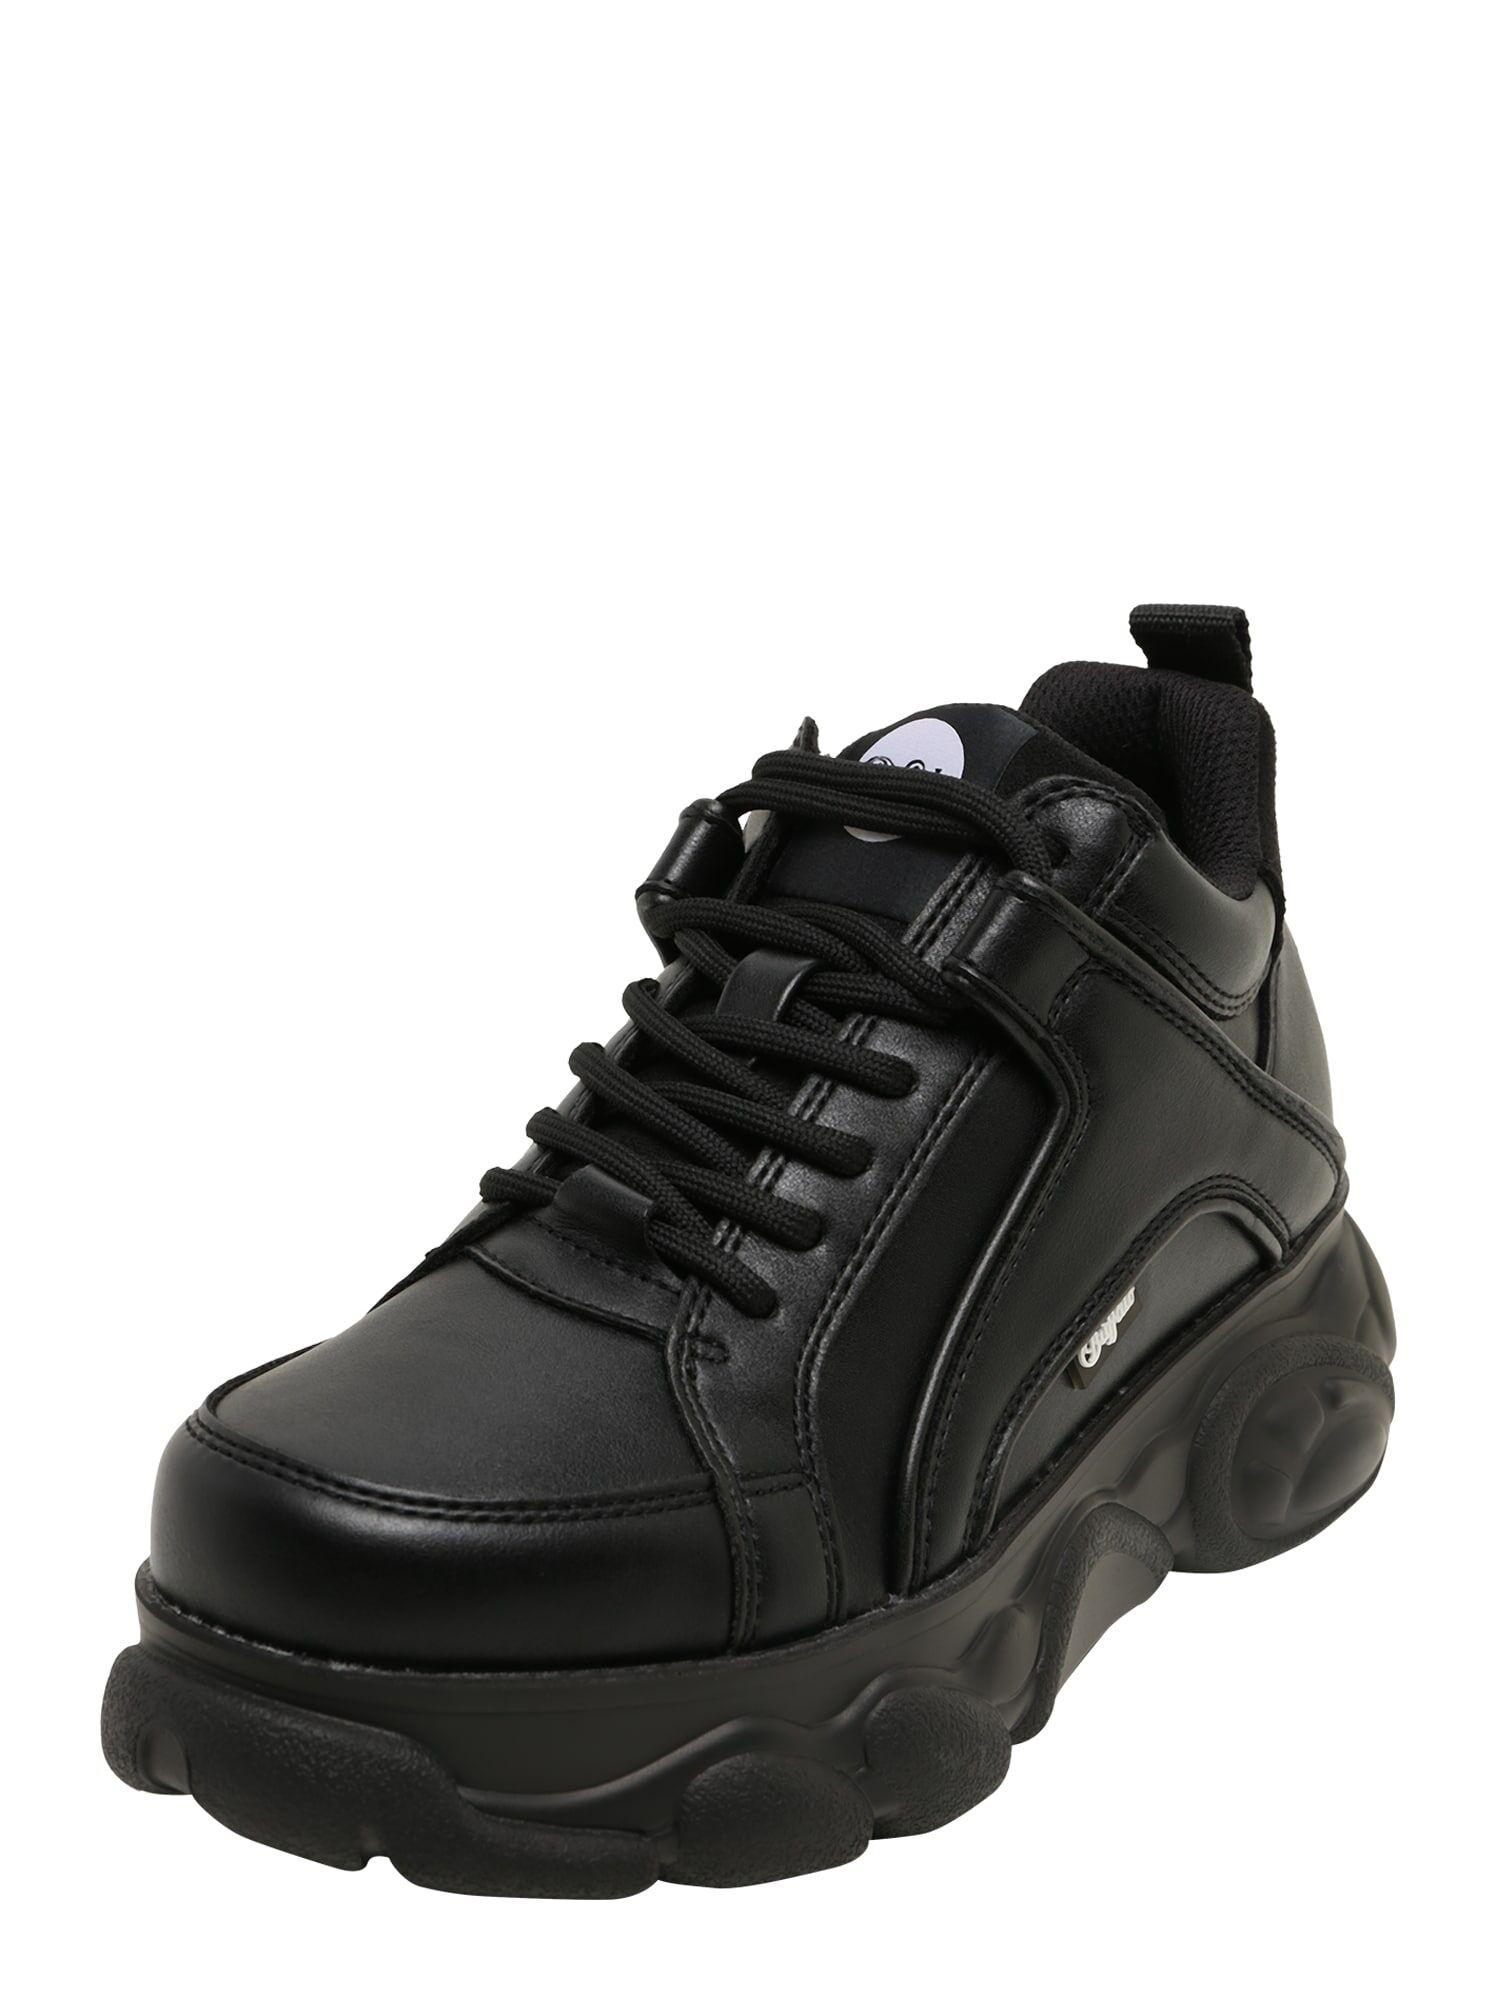 BUFFALO Sneaker bassa 'Cld Corin' Nero